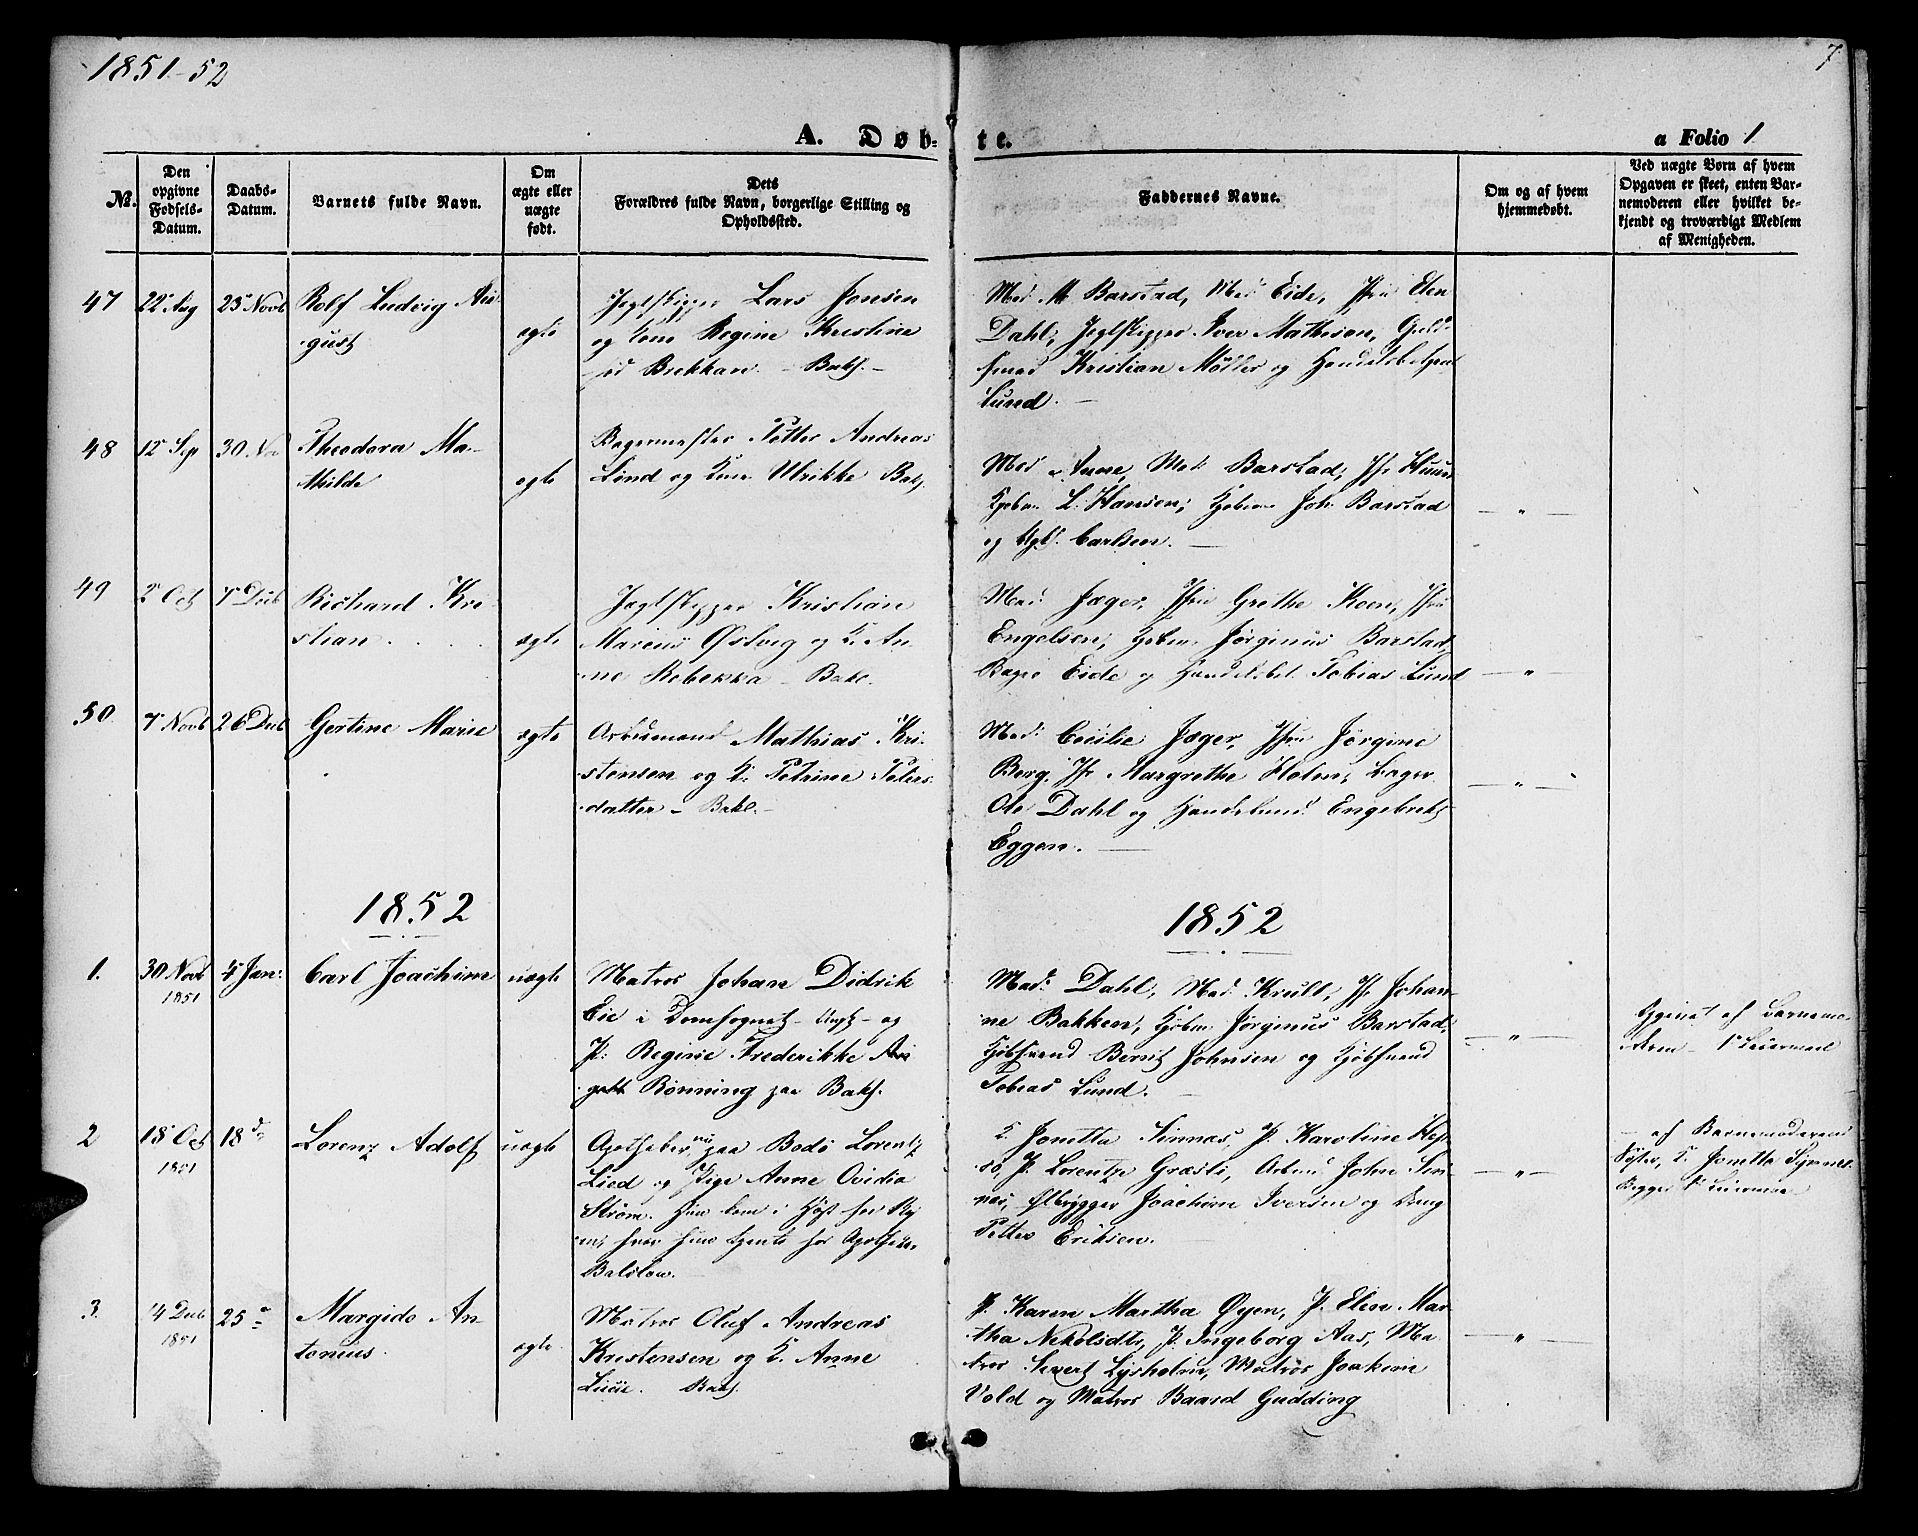 SAT, Ministerialprotokoller, klokkerbøker og fødselsregistre - Sør-Trøndelag, 604/L0184: Ministerialbok nr. 604A05, 1851-1860, s. 7